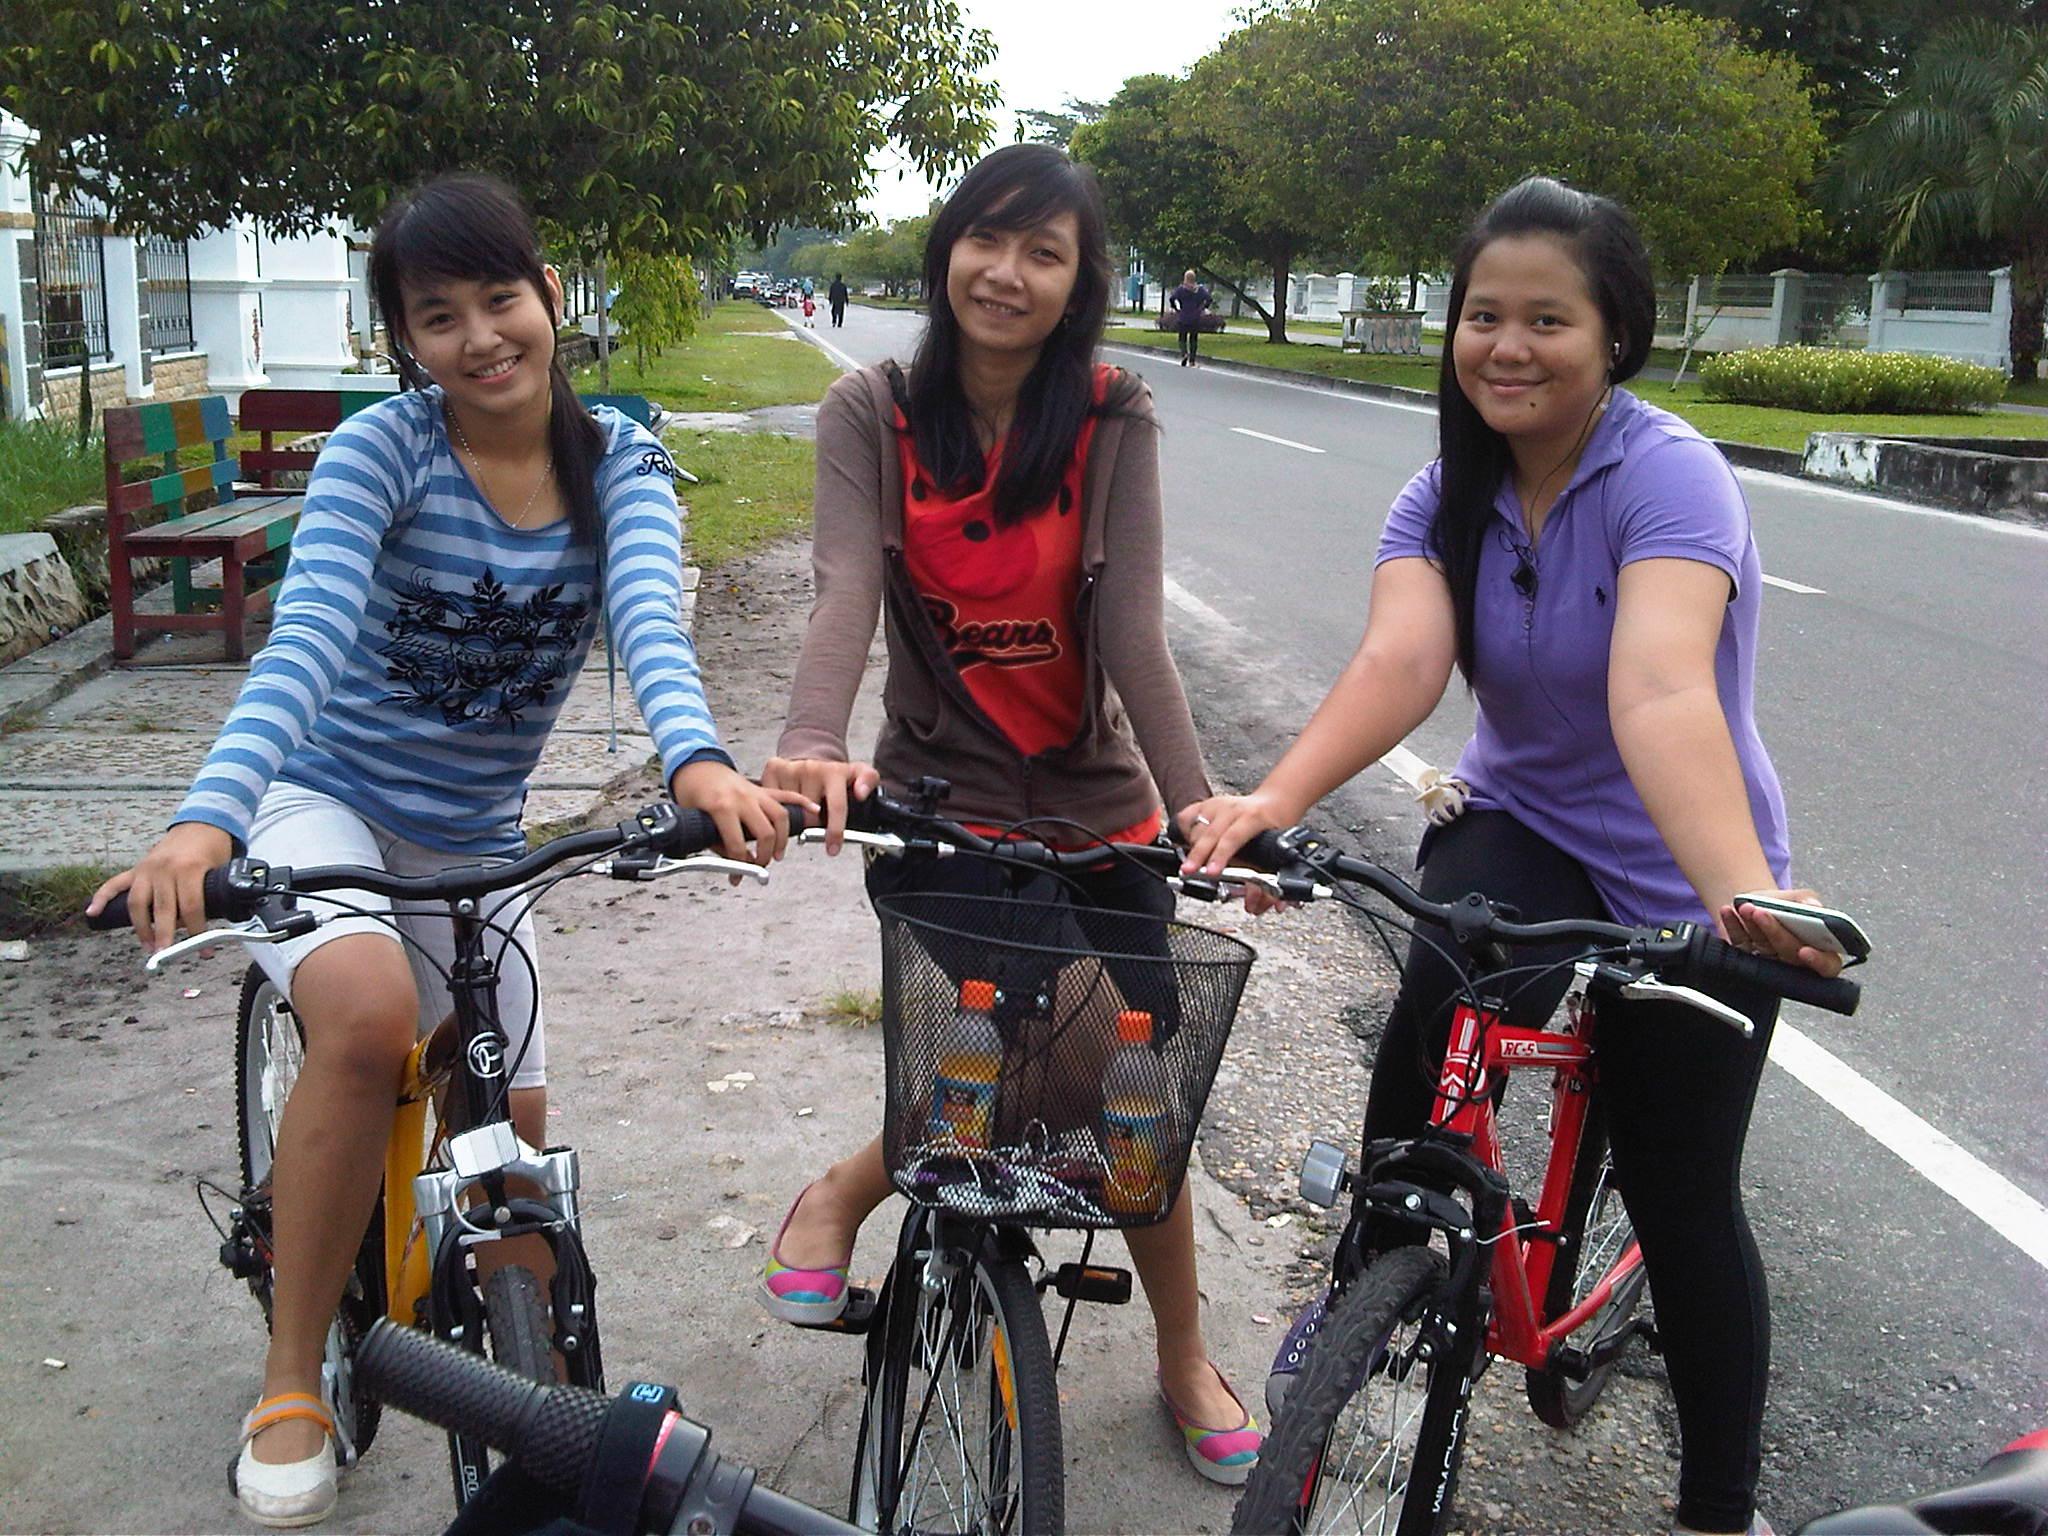 Koleksi Gambar Wanita Naik Sepeda Motor Terlengkap Dinding Motor